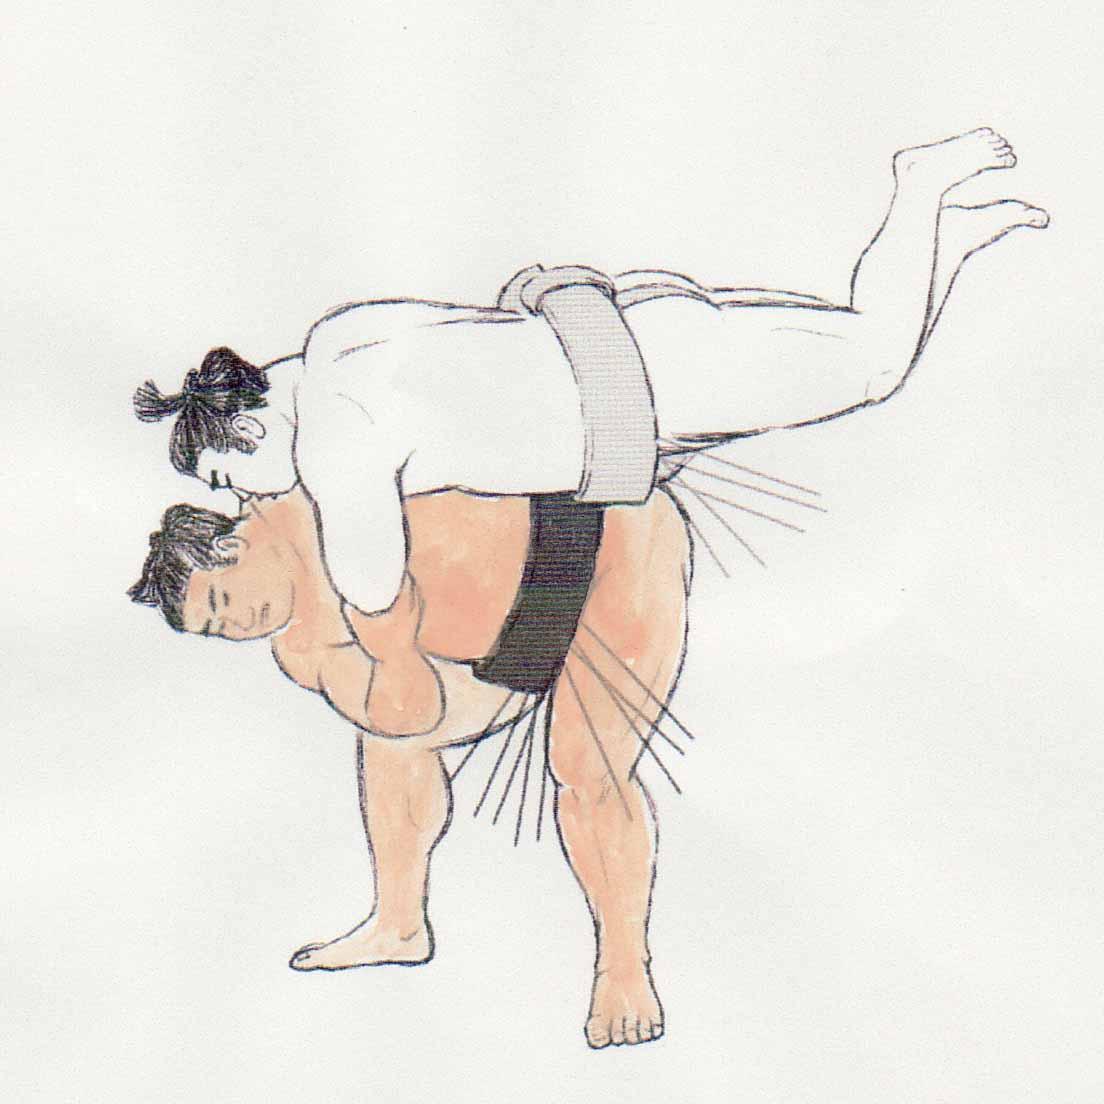 相撲 腰投げ